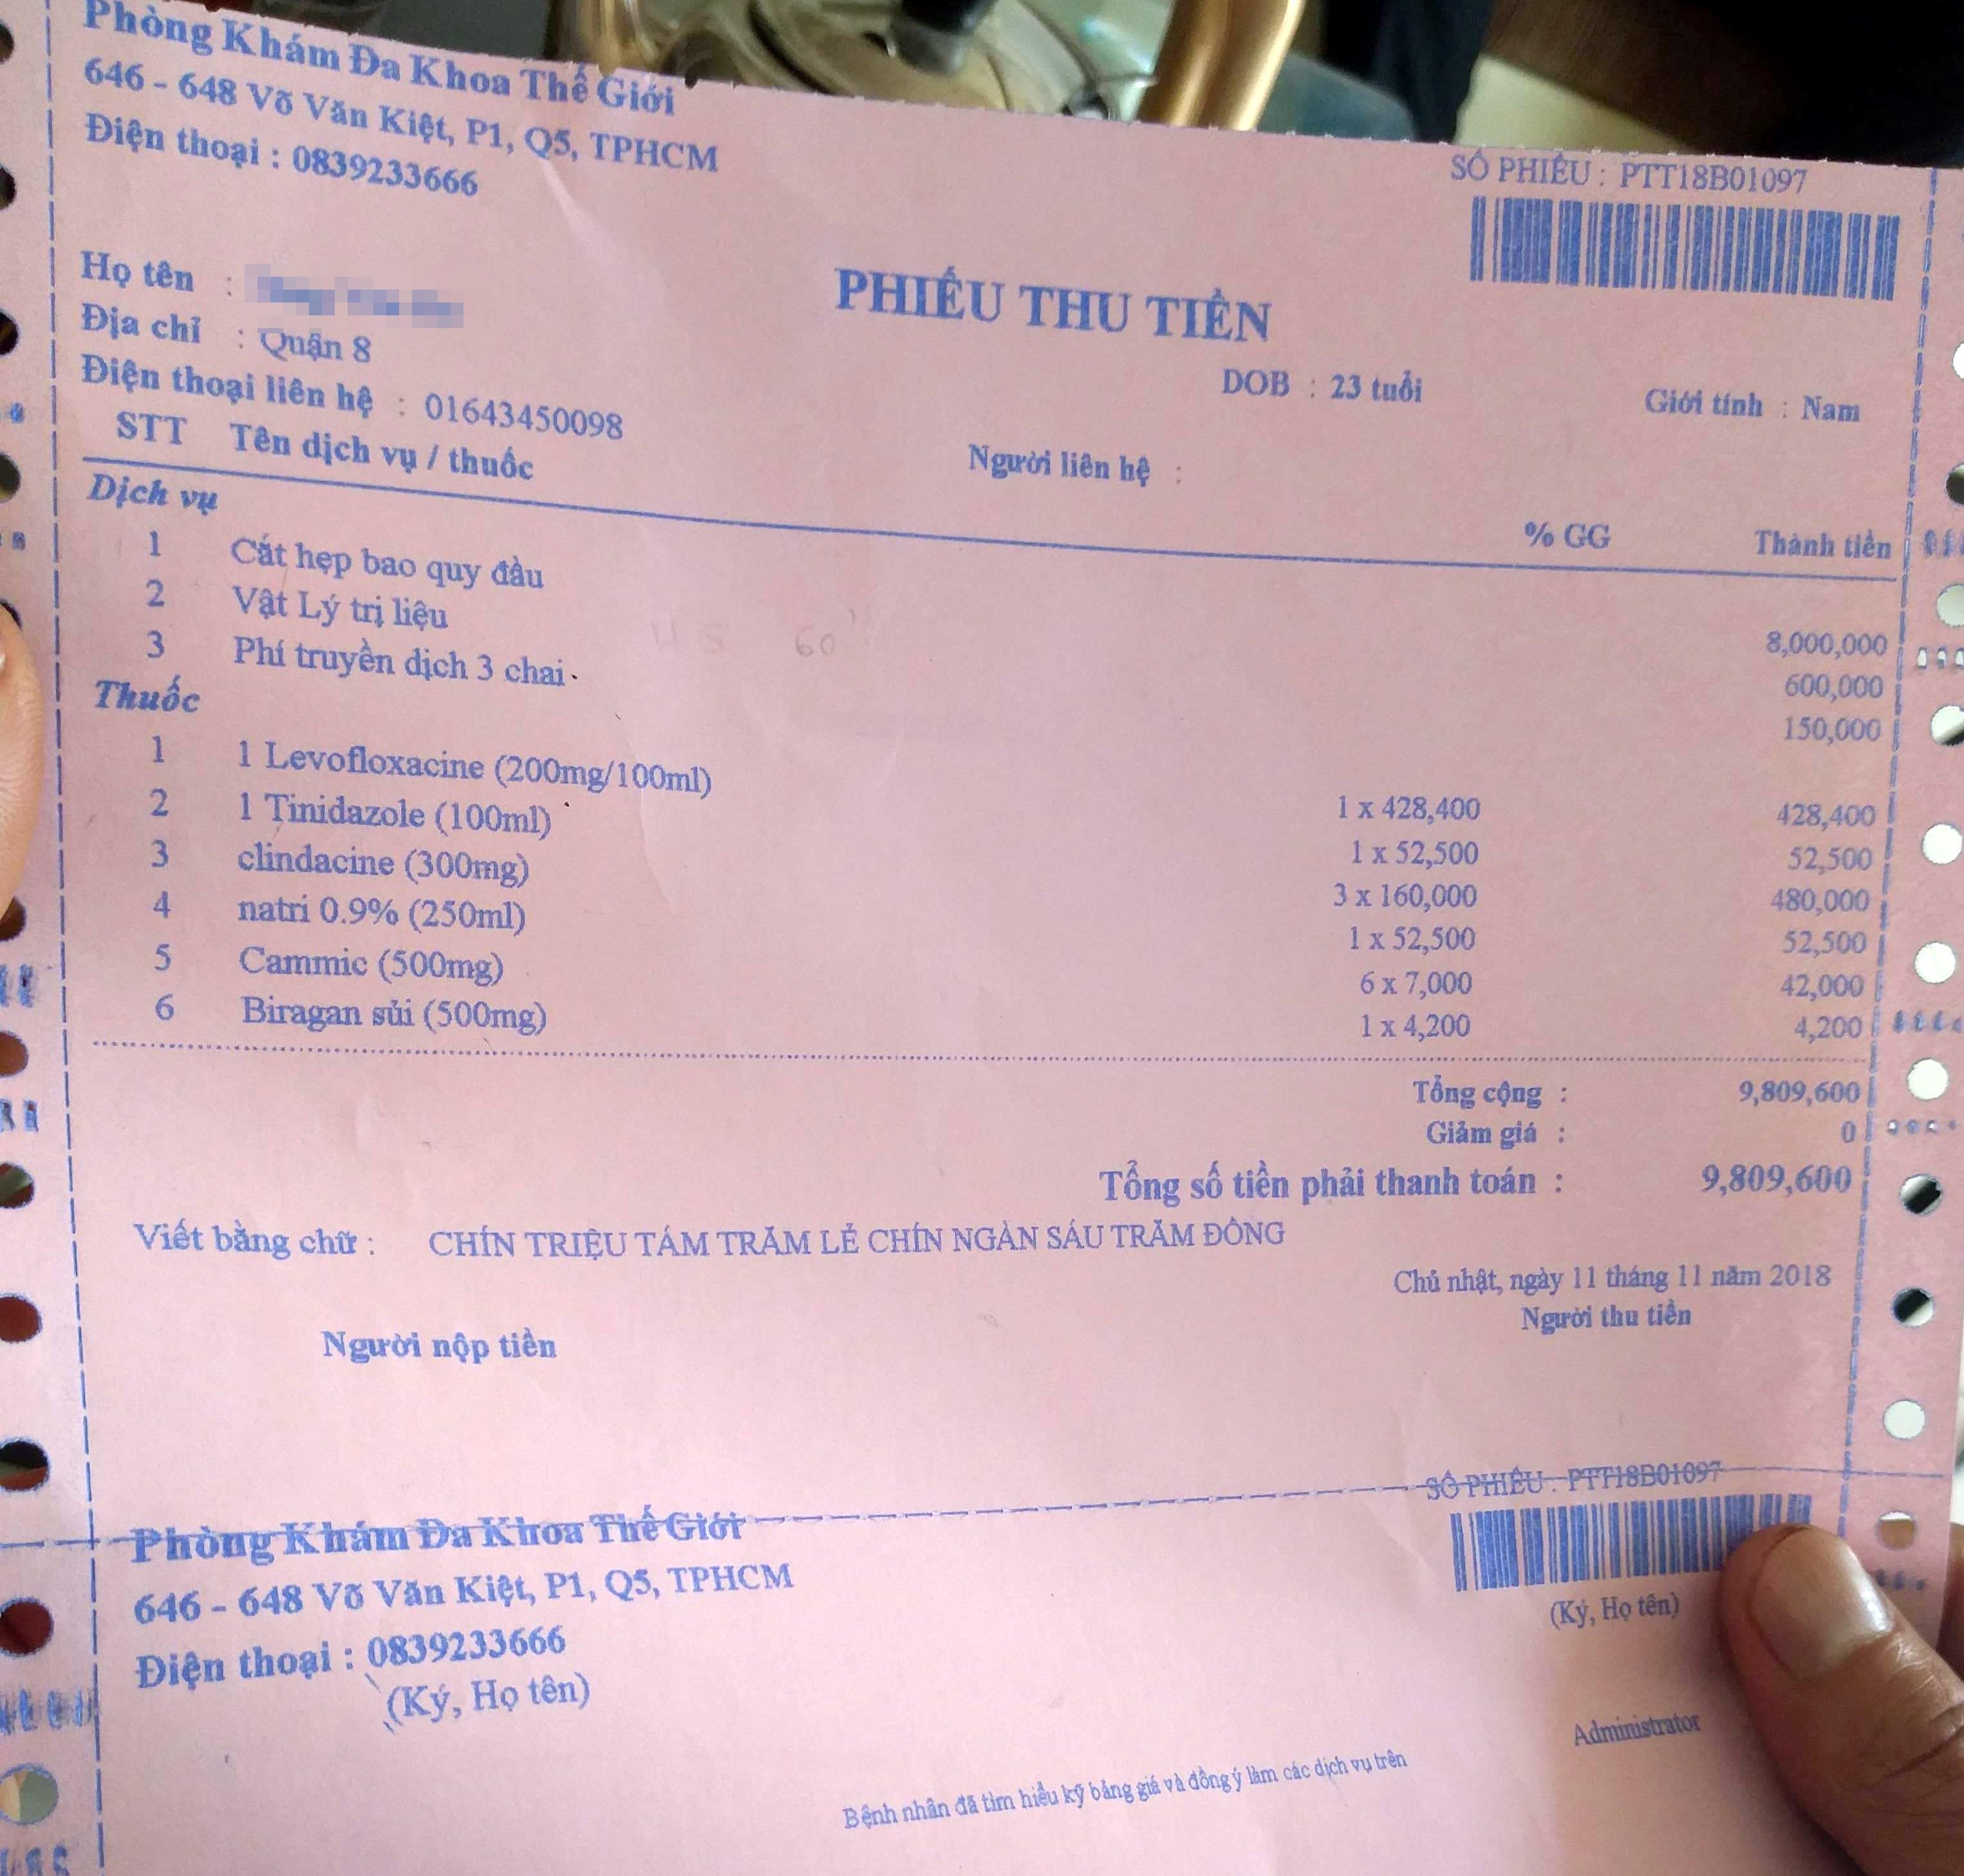 Phòng khám bác sĩ Trung quốc giữ CMND của bệnh nhân vì không đủ tiền thanh toán - Ảnh 3